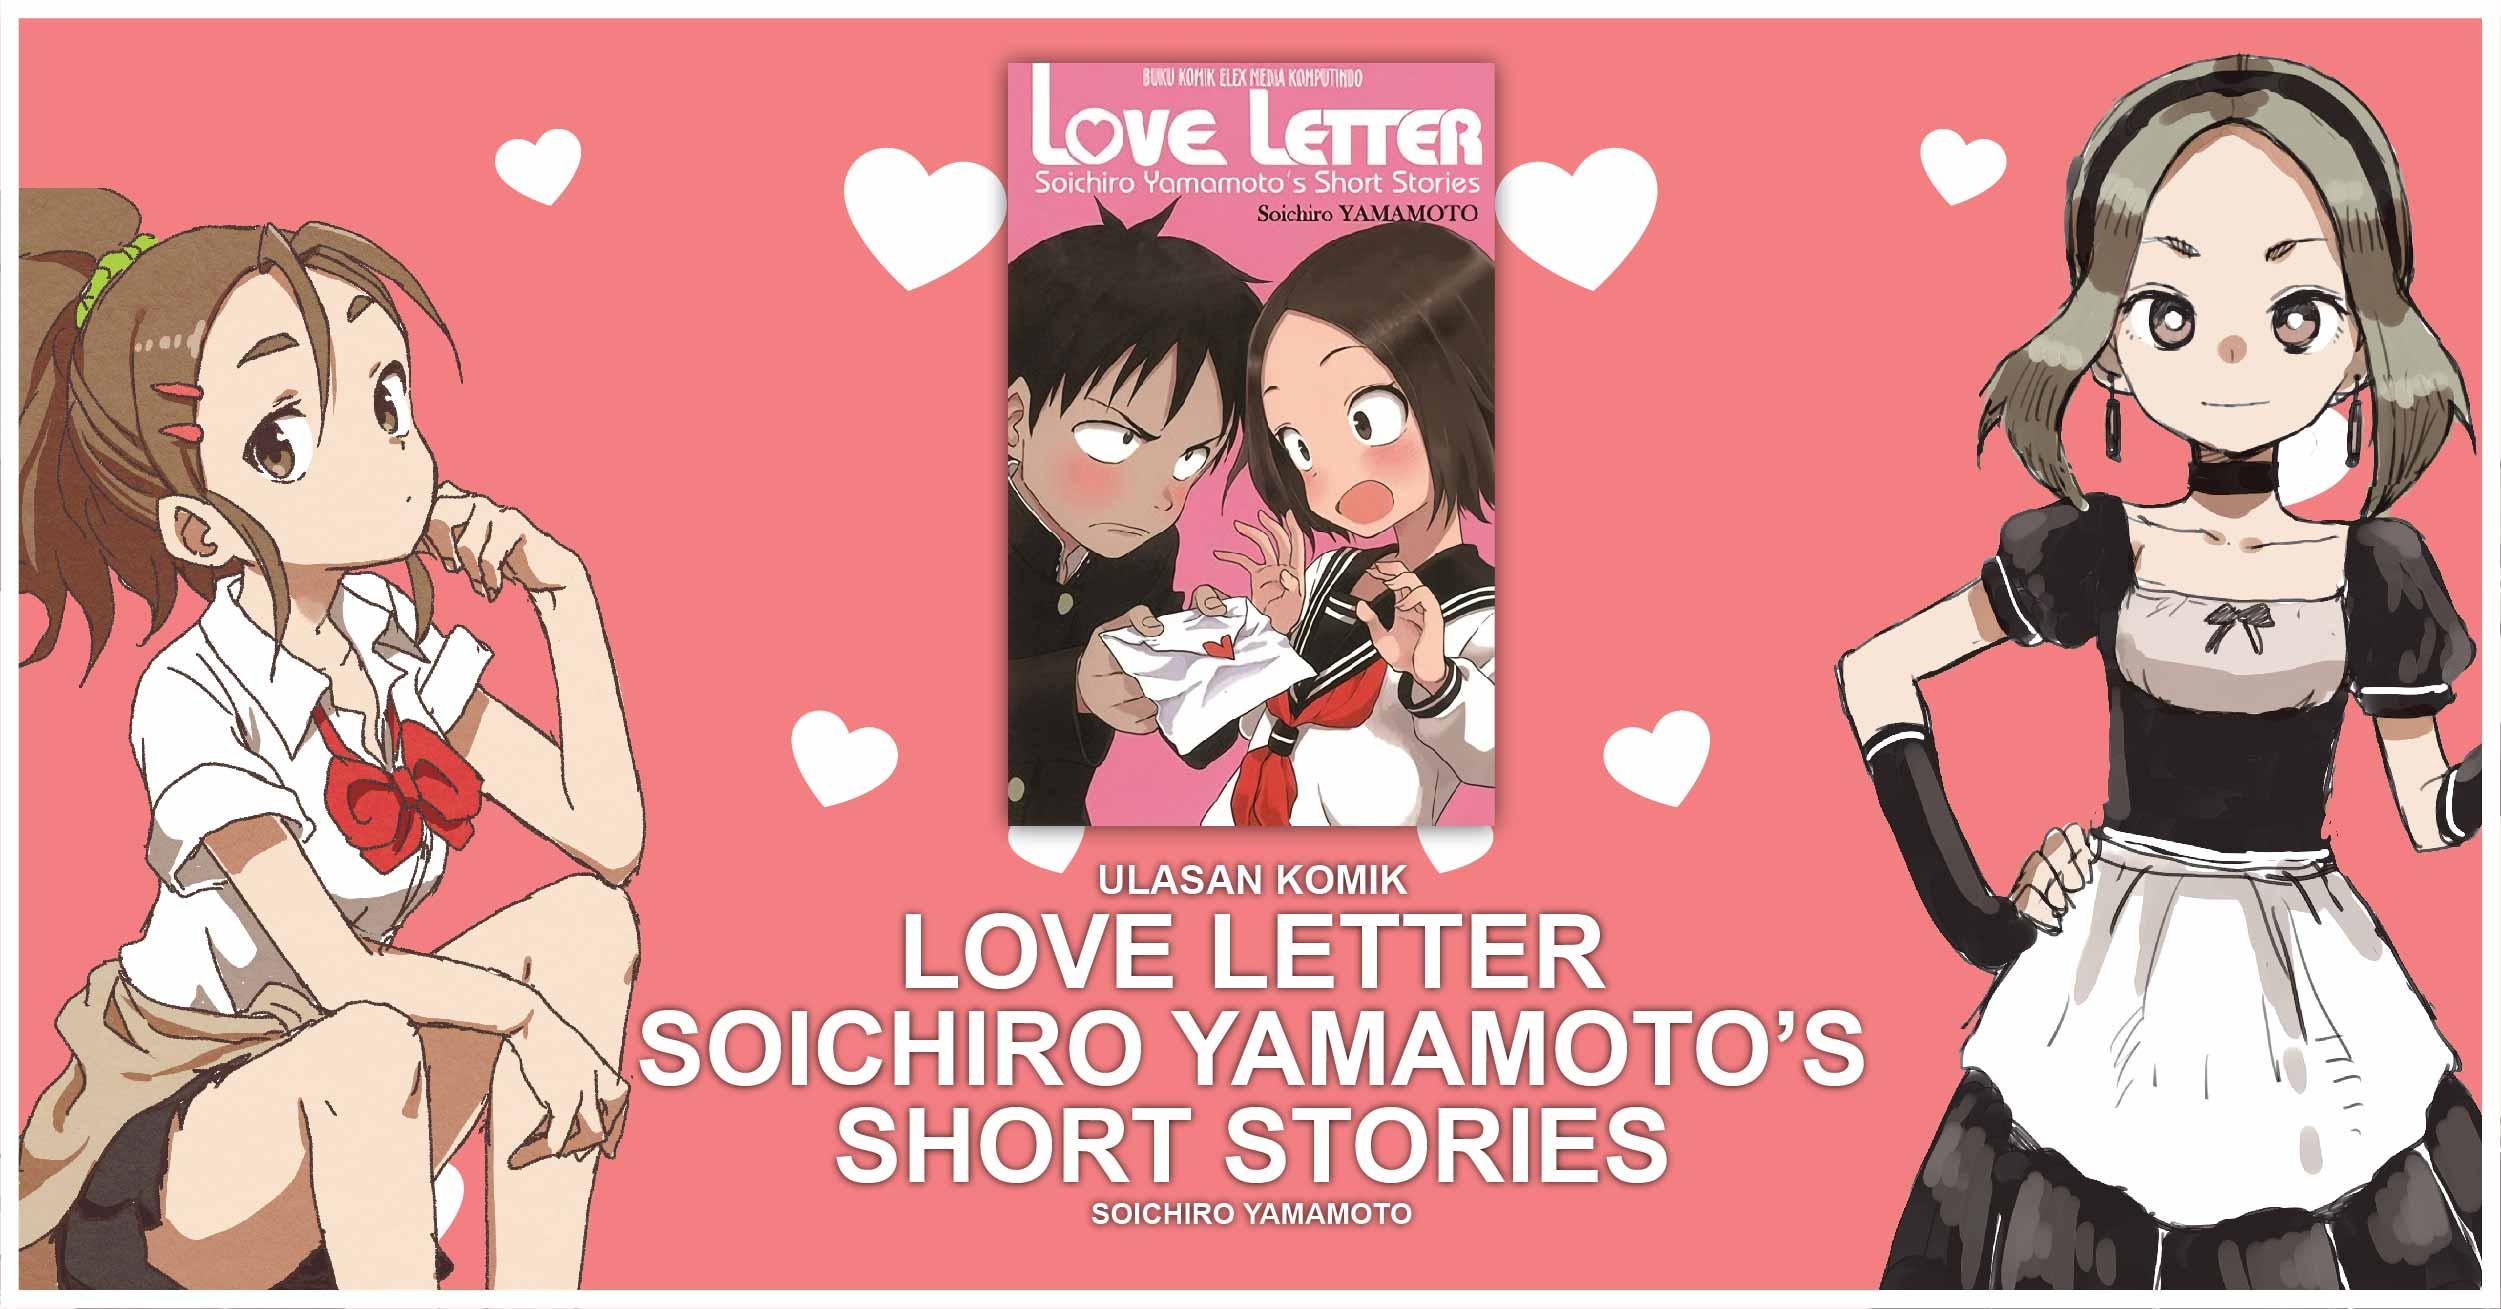 LOVE LETTER - Soichiro Yamamoto's Short Stories